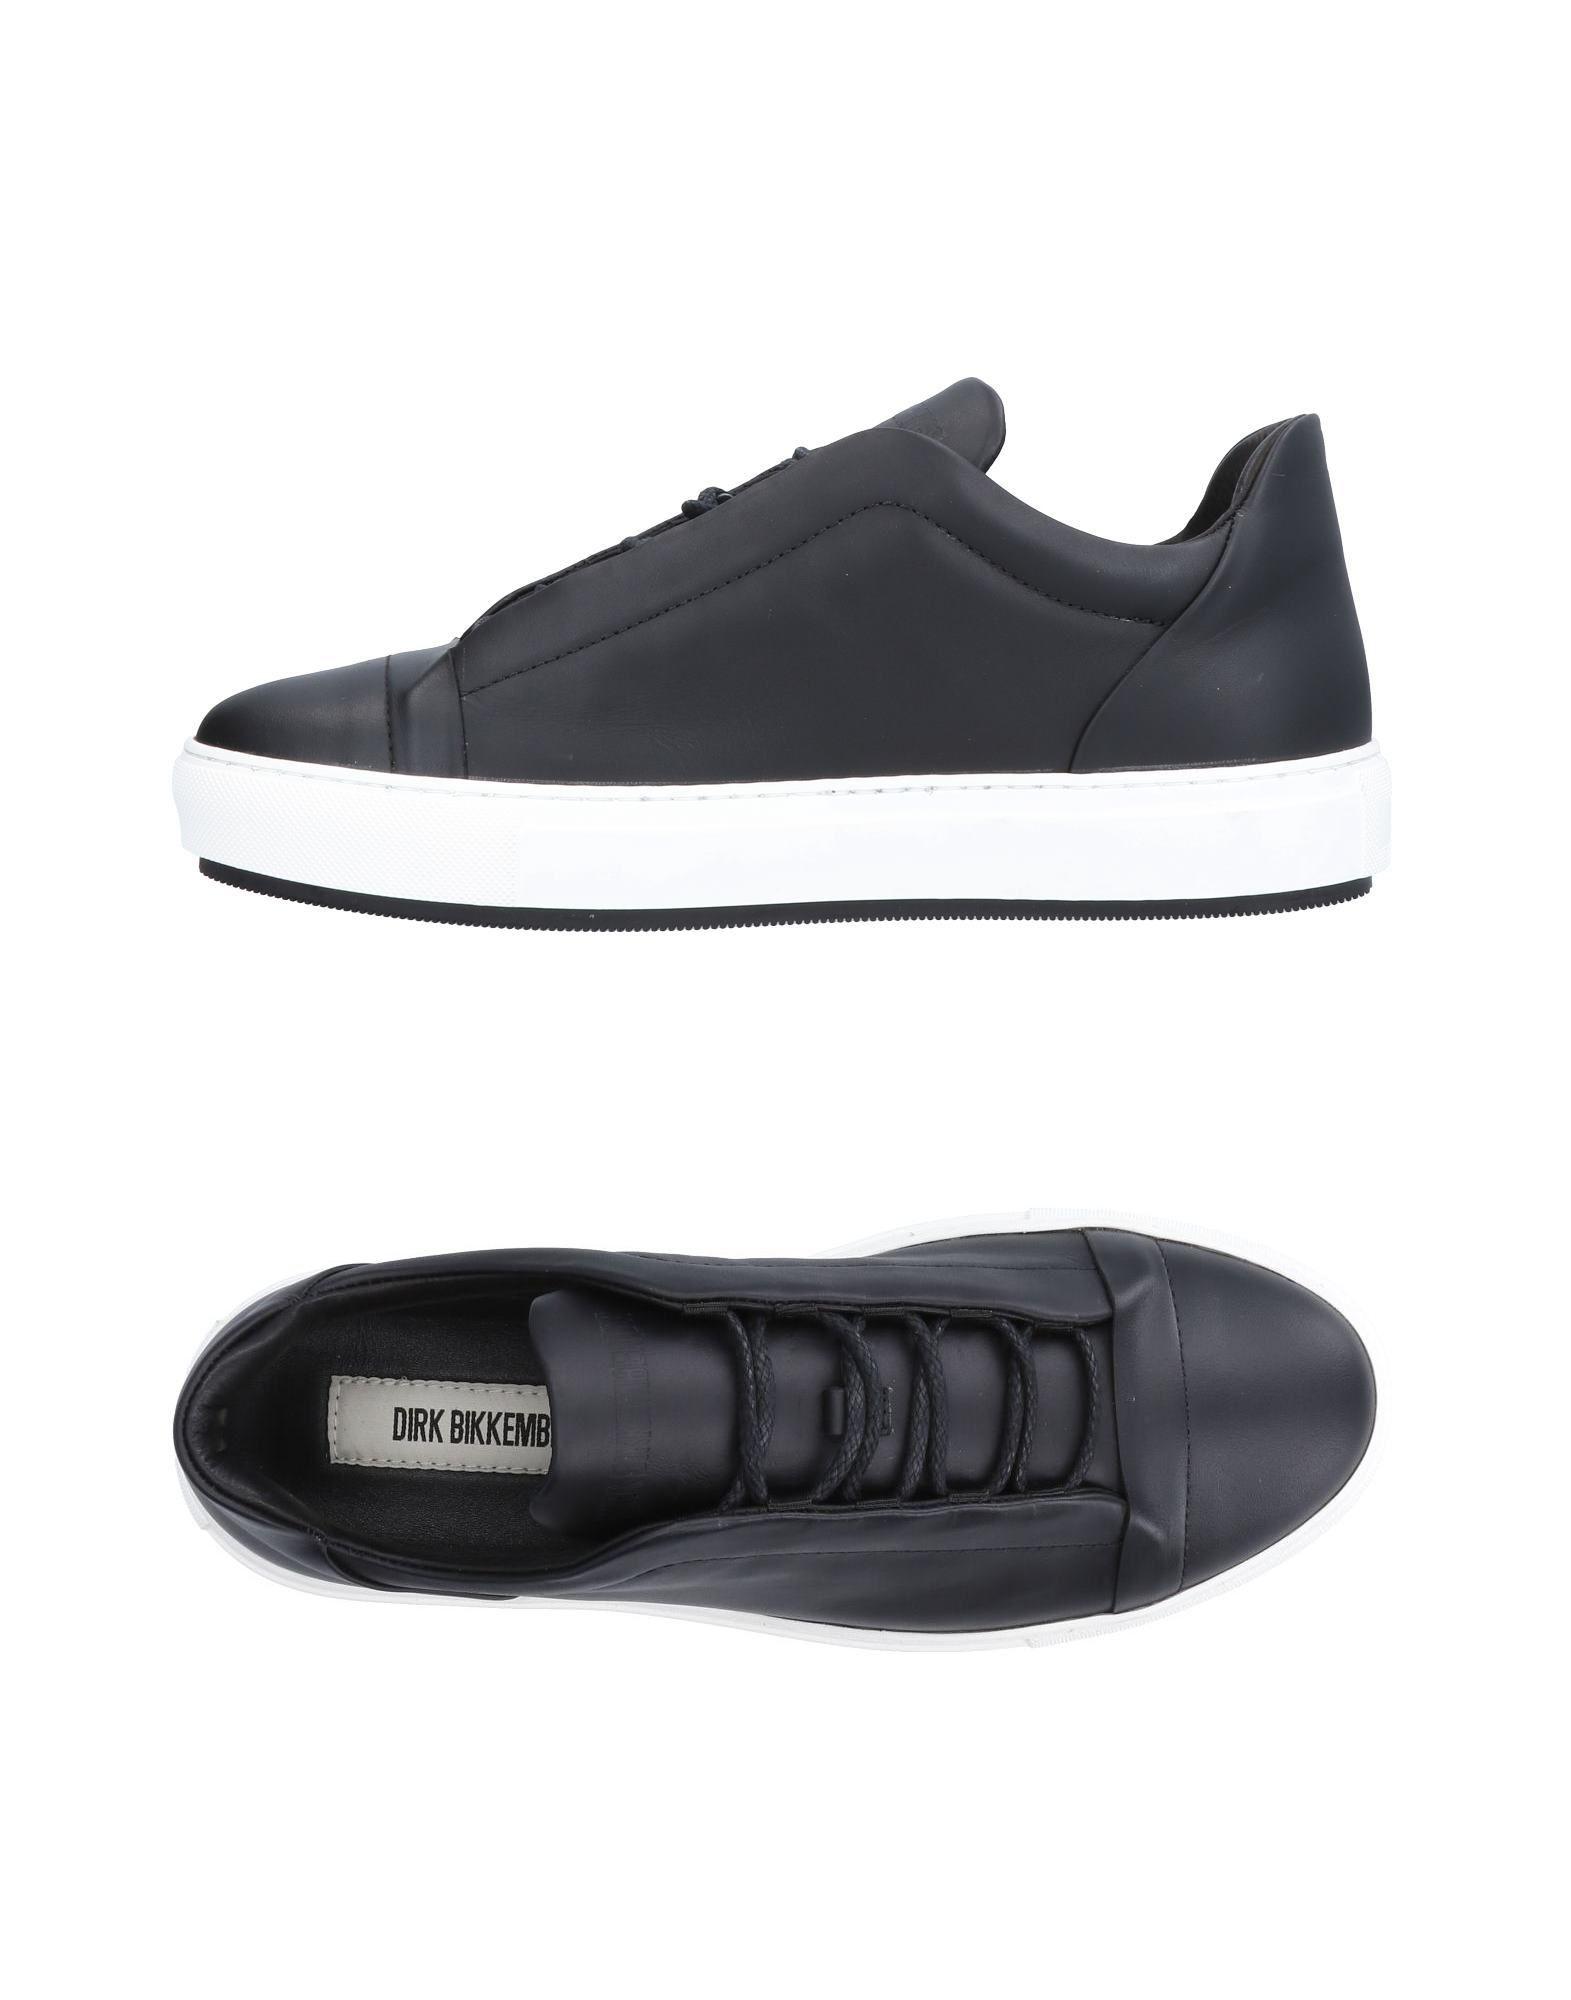 Dirk Bikkembergs Sneakers Herren  11517399VX